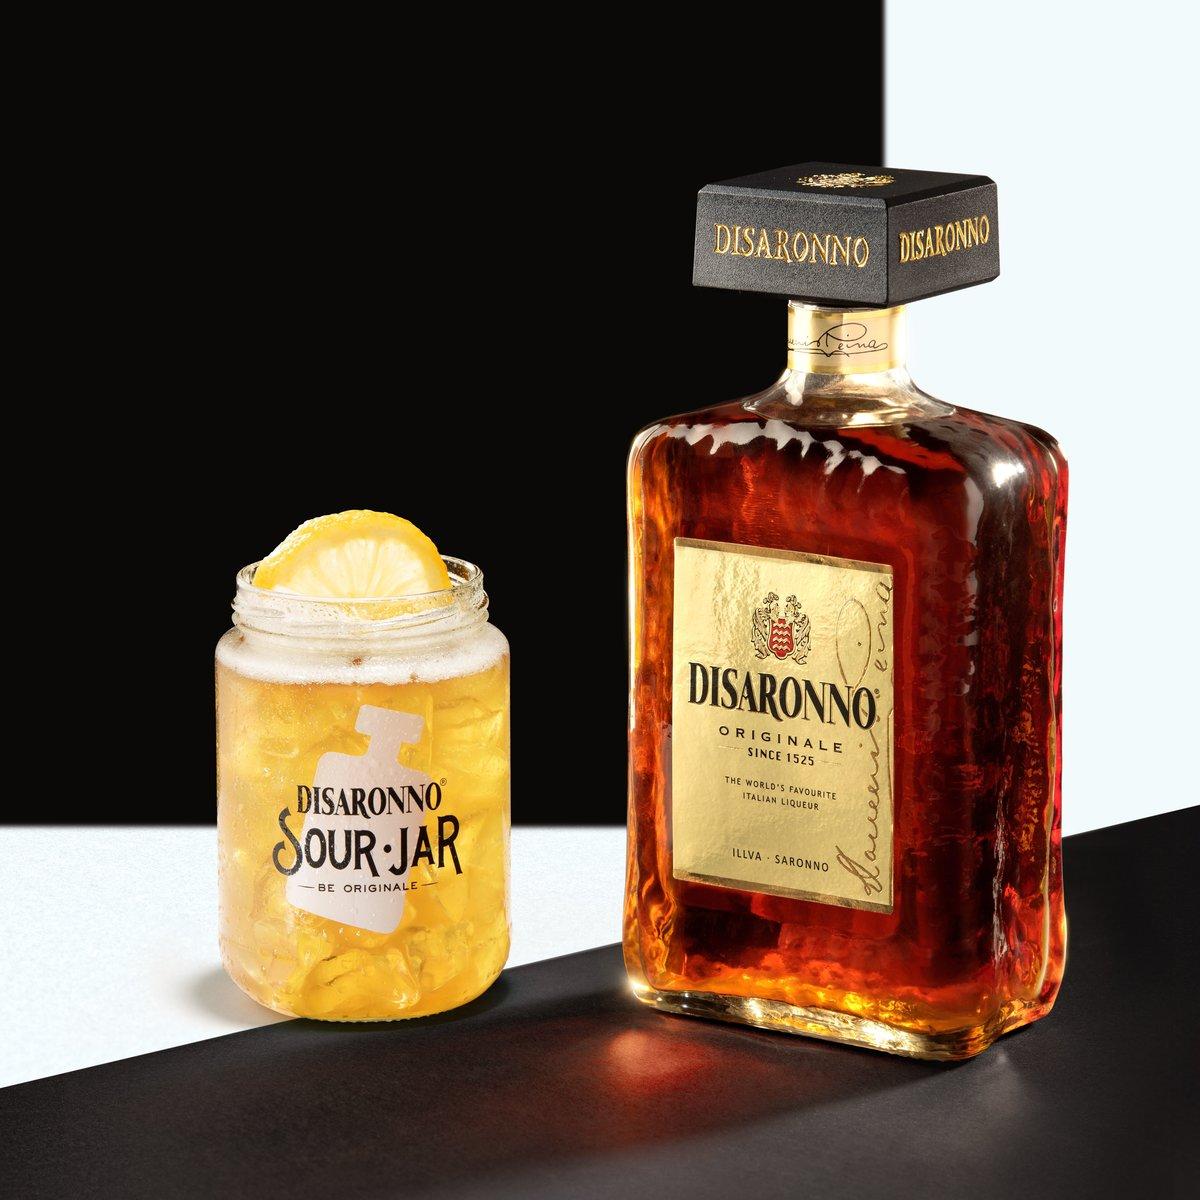 Disaronno: Die italienische Geschmacks-Ikone stellt seine Mixability erneut unter Beweis